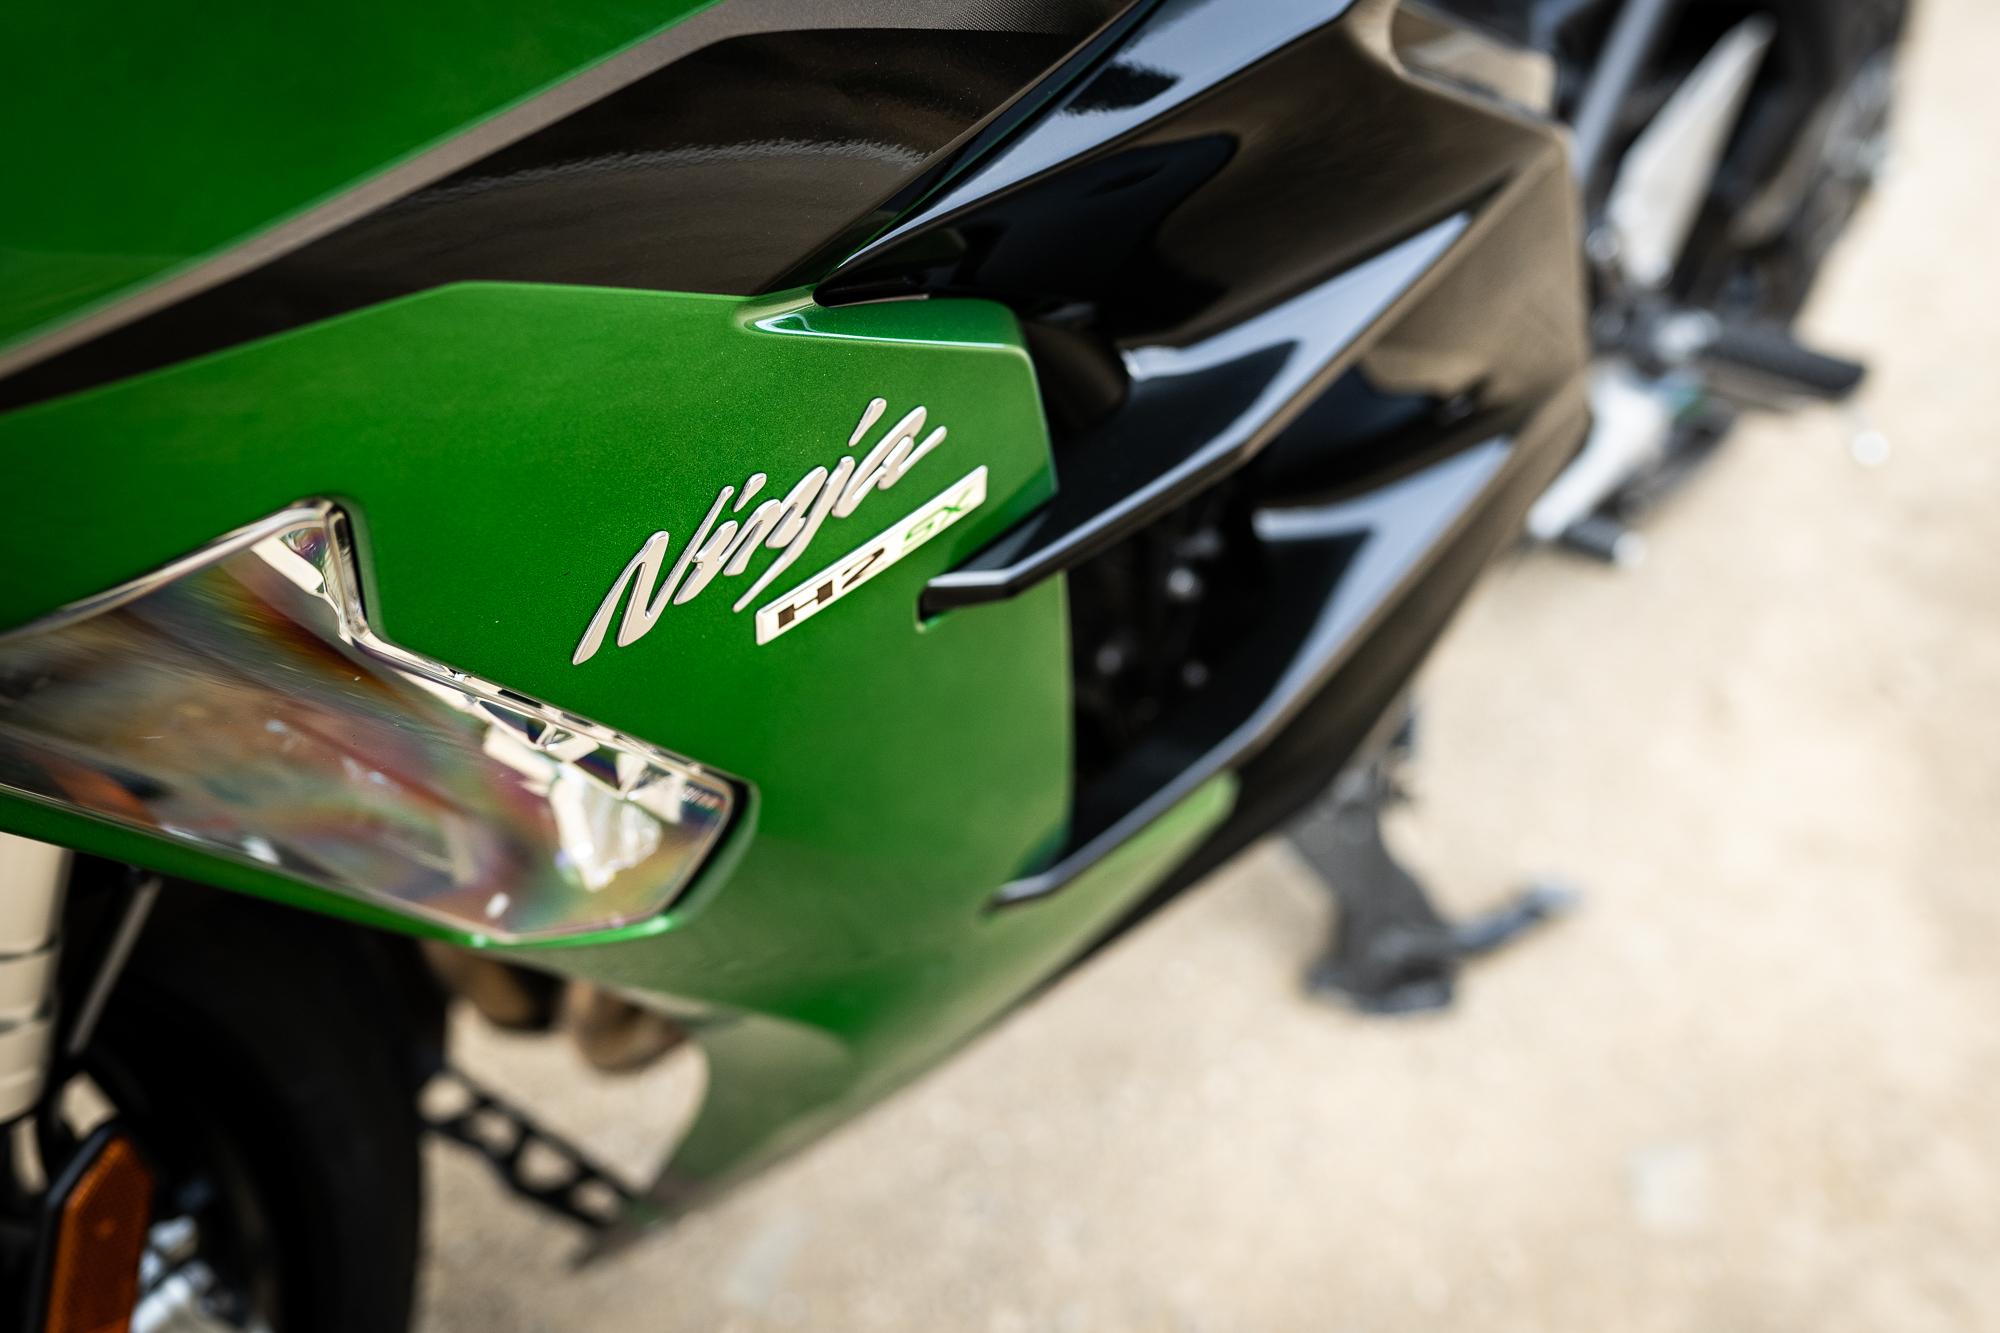 2021 Kawasaki H2 SX-SE tank badging detail